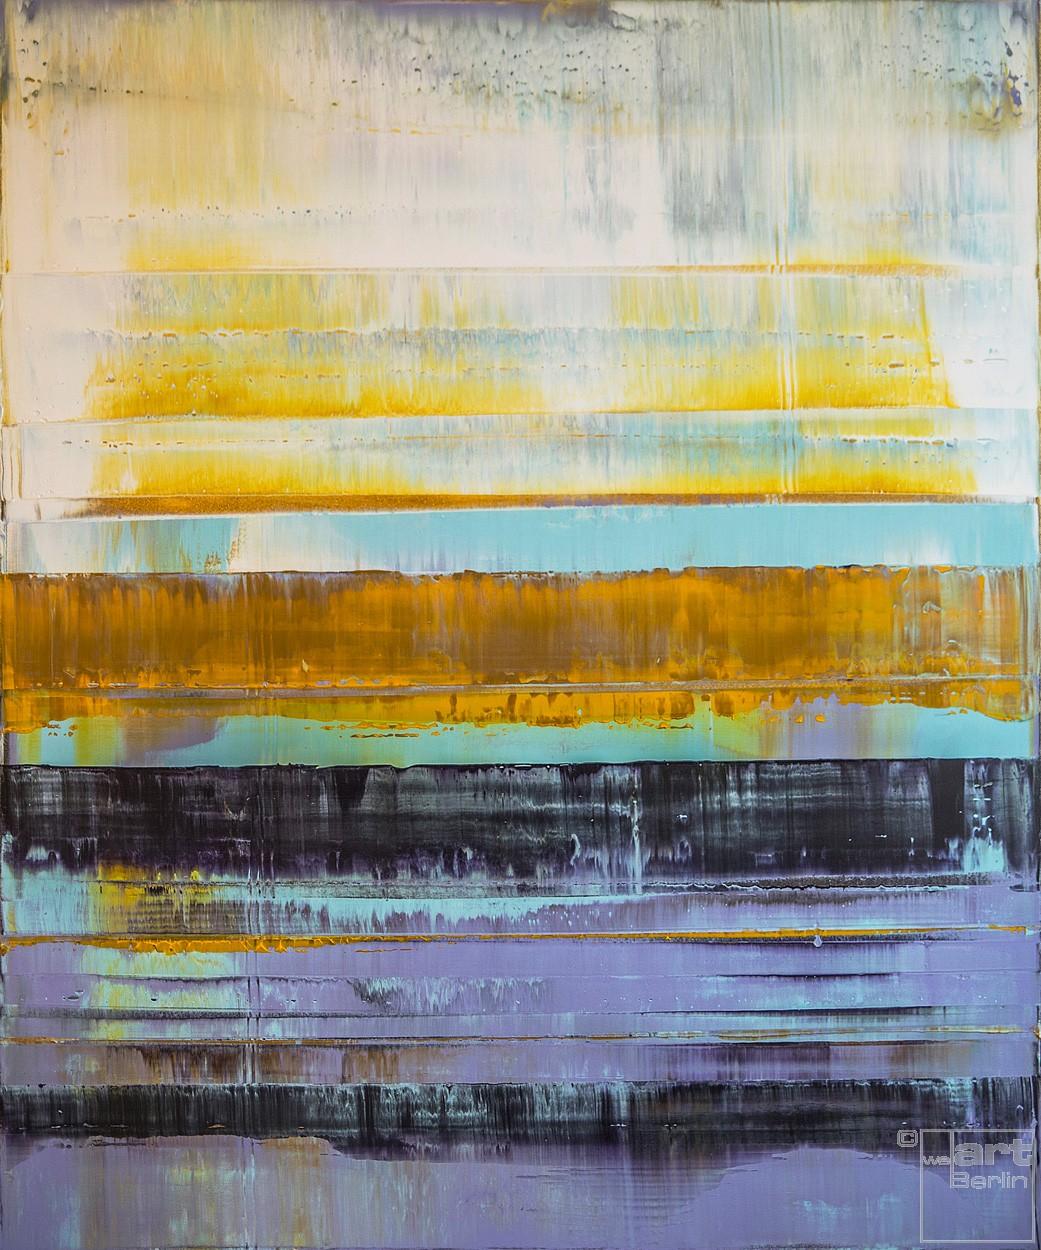 Prisma 2 - Türkiser Schimmer | Malerei von Lali Torma | Acryl auf Leinwand, abstrakt